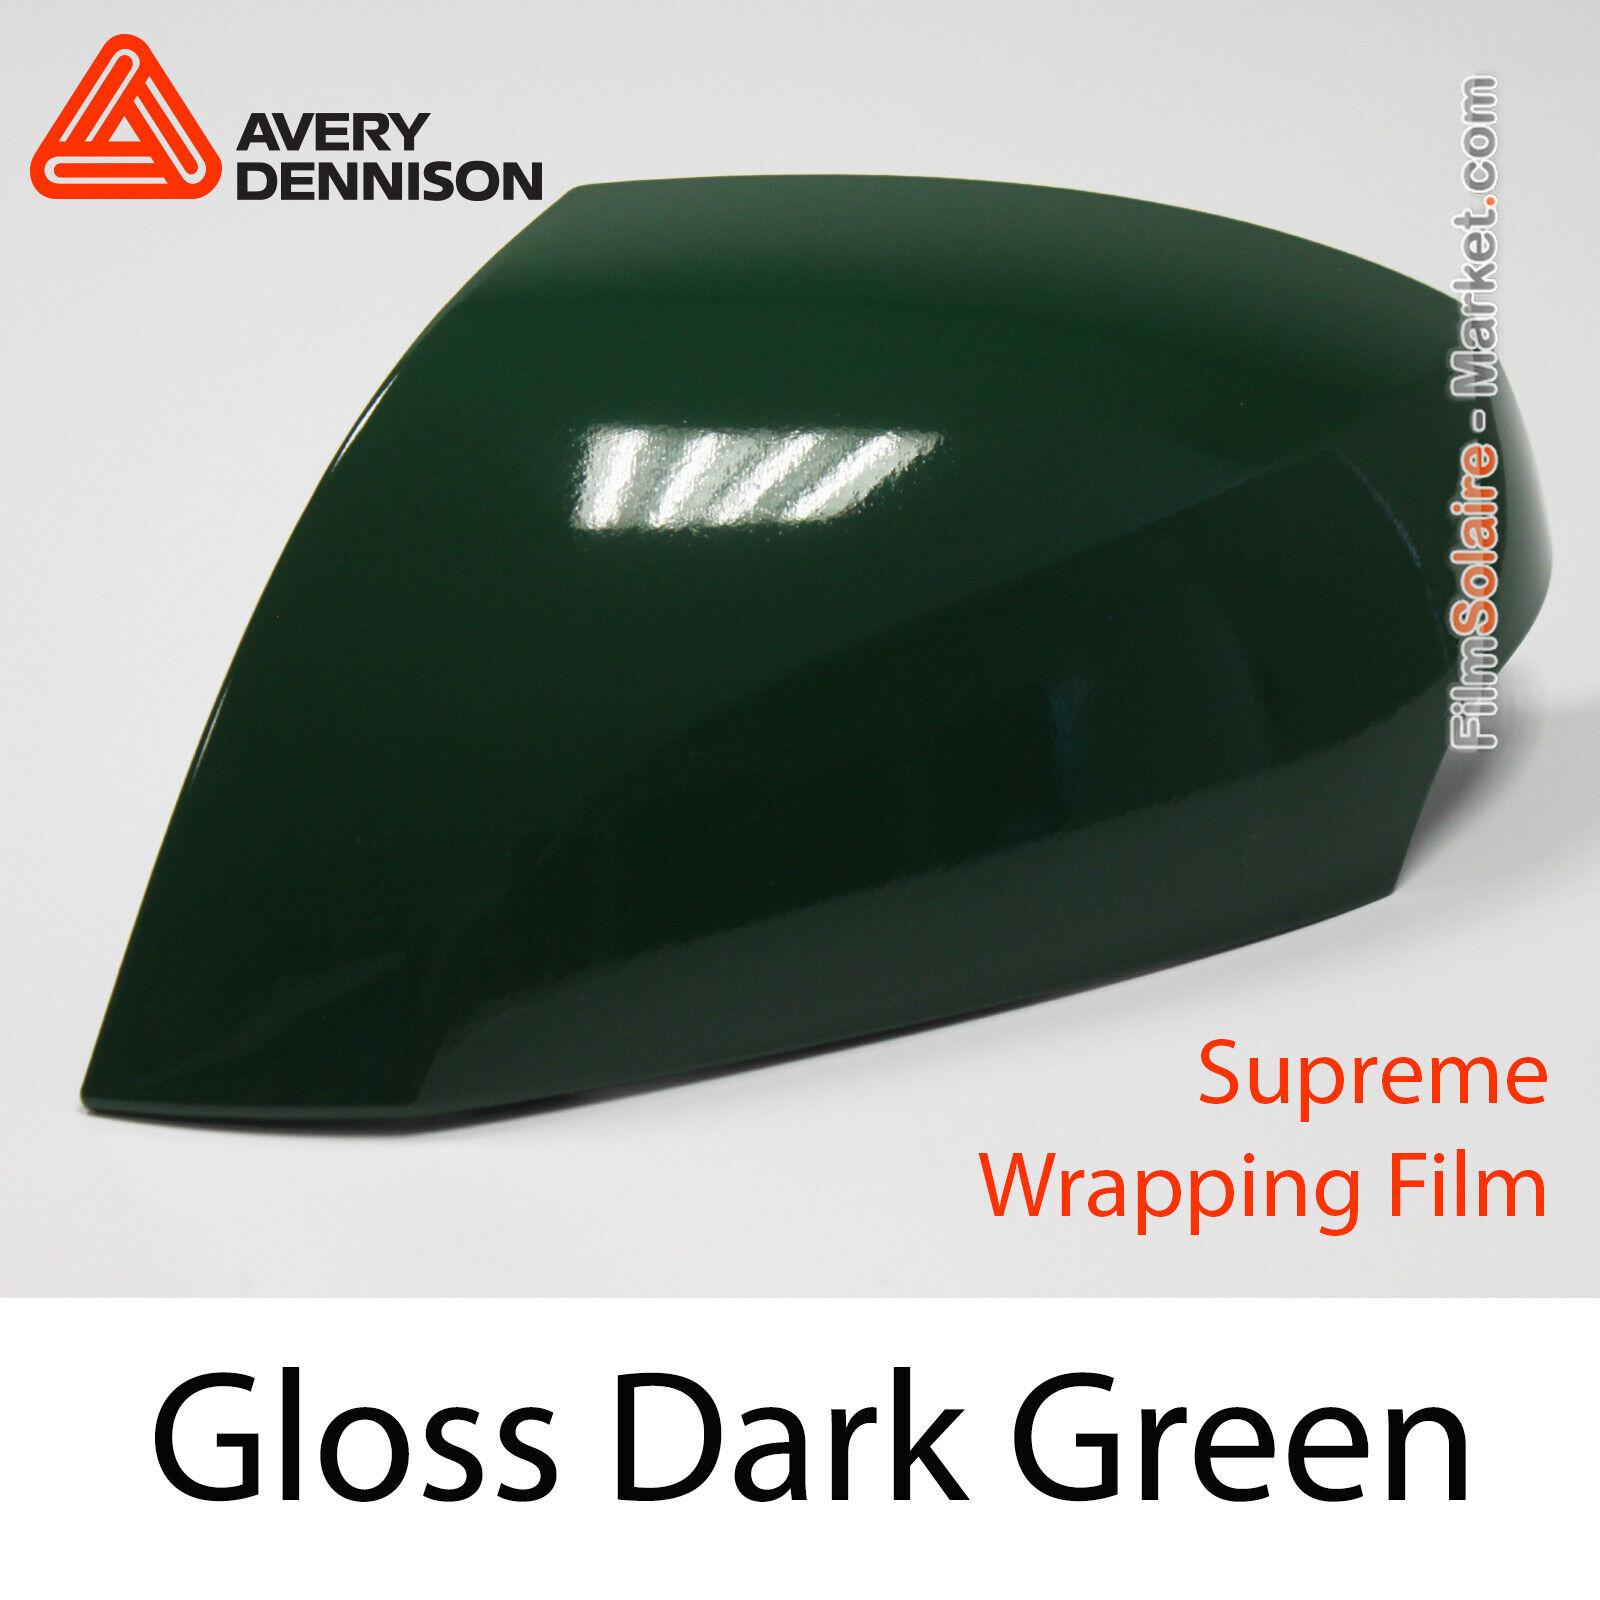 Gloss Dark Grün - Avery Dennison Supreme Wrapping Film, Startseiteing CB1500001